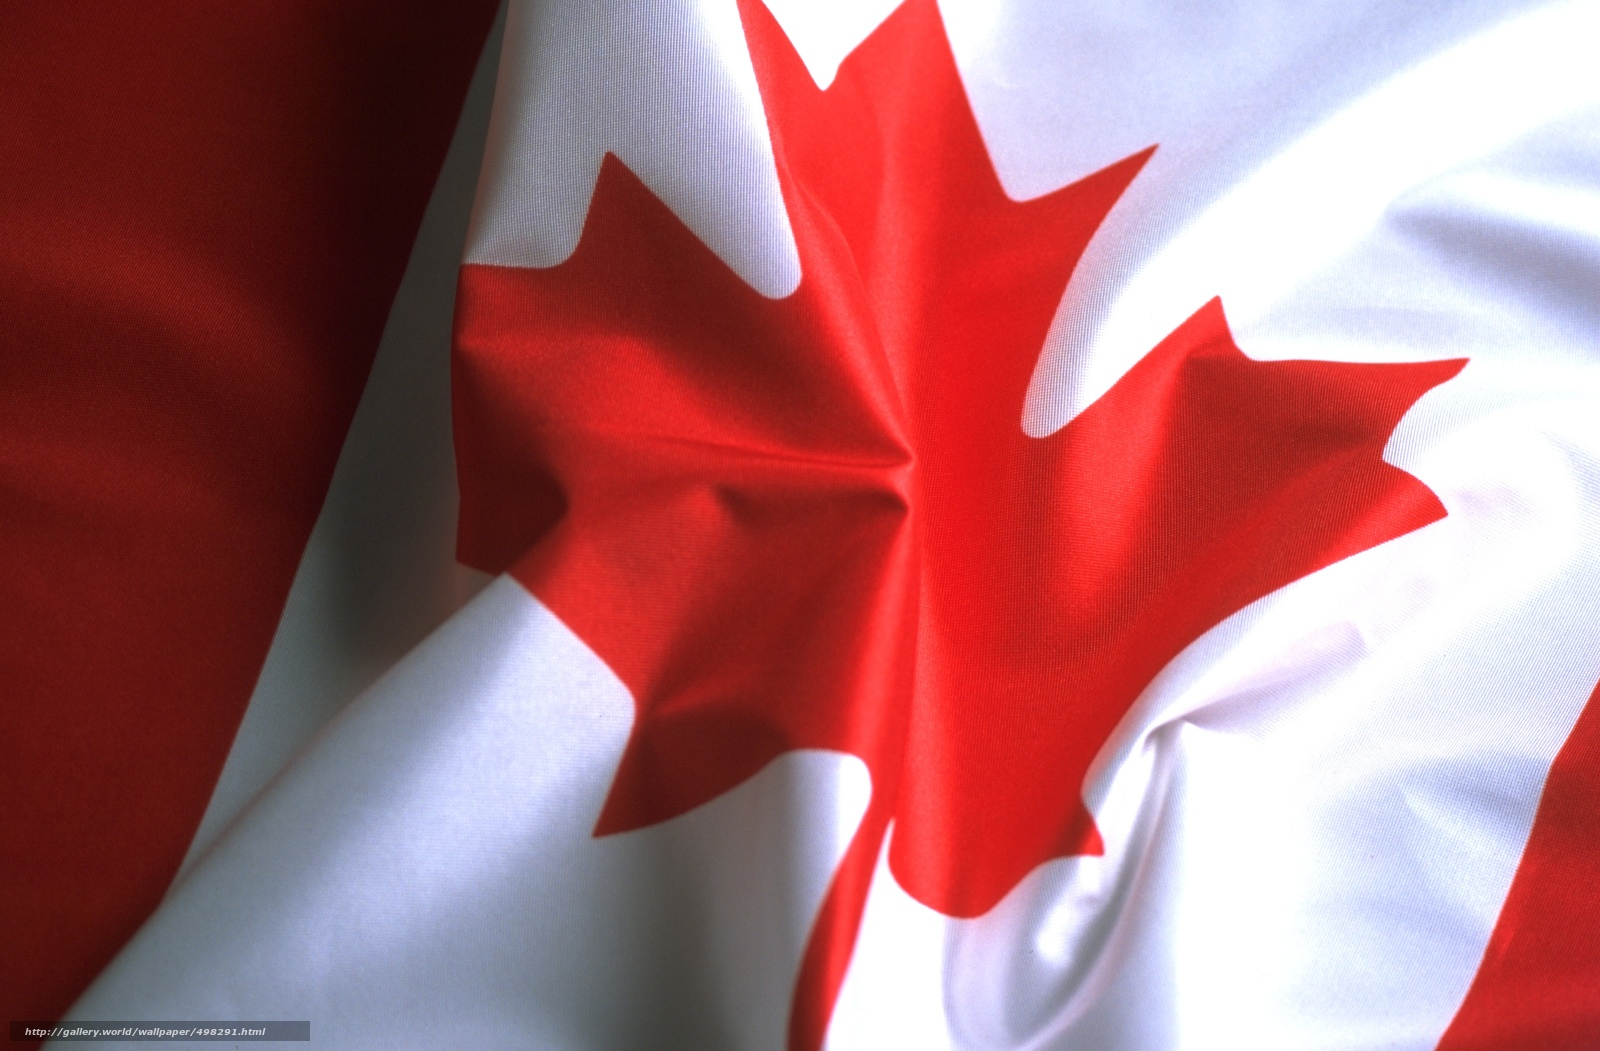 Скачать обои флаг,  лист,  канада бесплатно для рабочего стола в разрешении 2400x1577 — картинка №498291